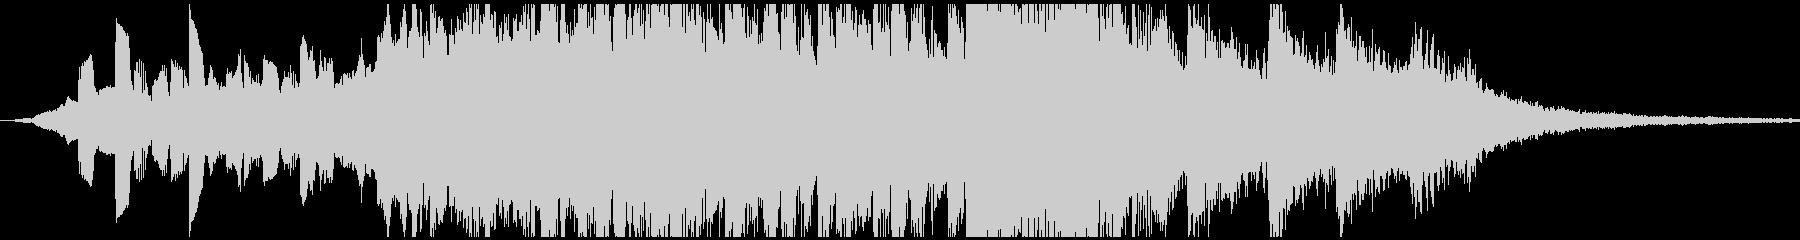 エレクトロ 交響曲 ドラマチック ...の未再生の波形